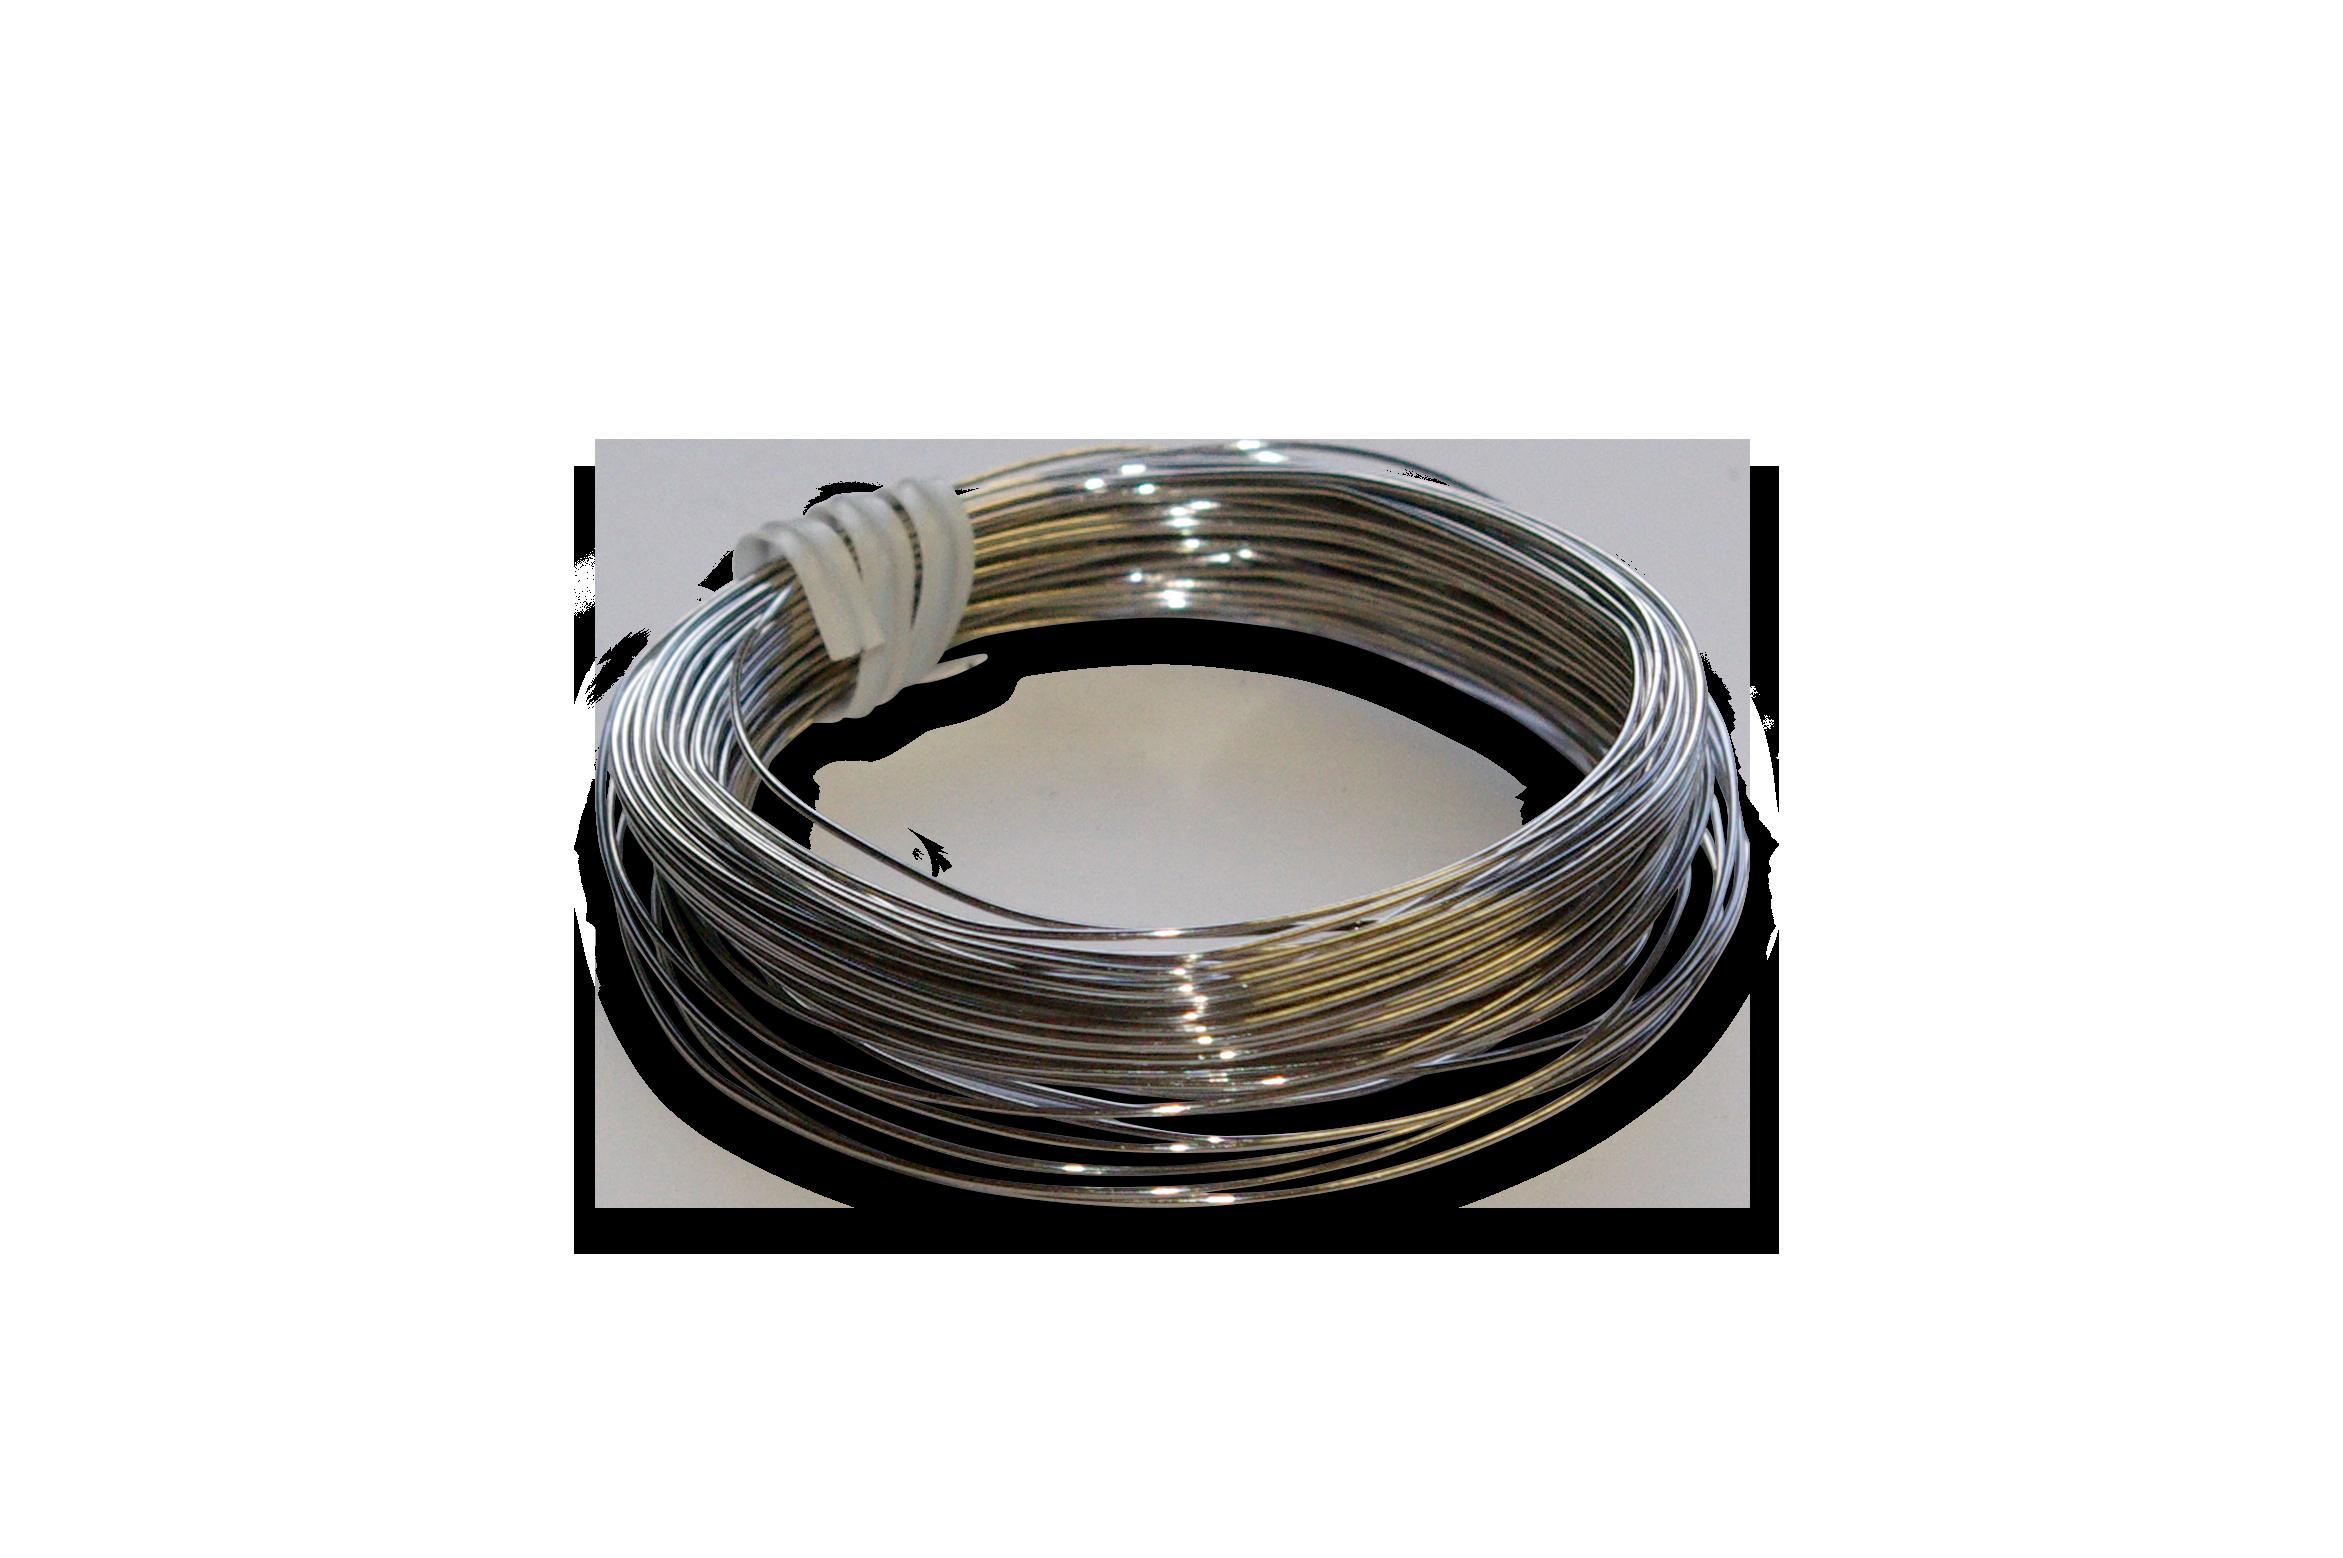 Ersatzheizdraht / Spare heating wire